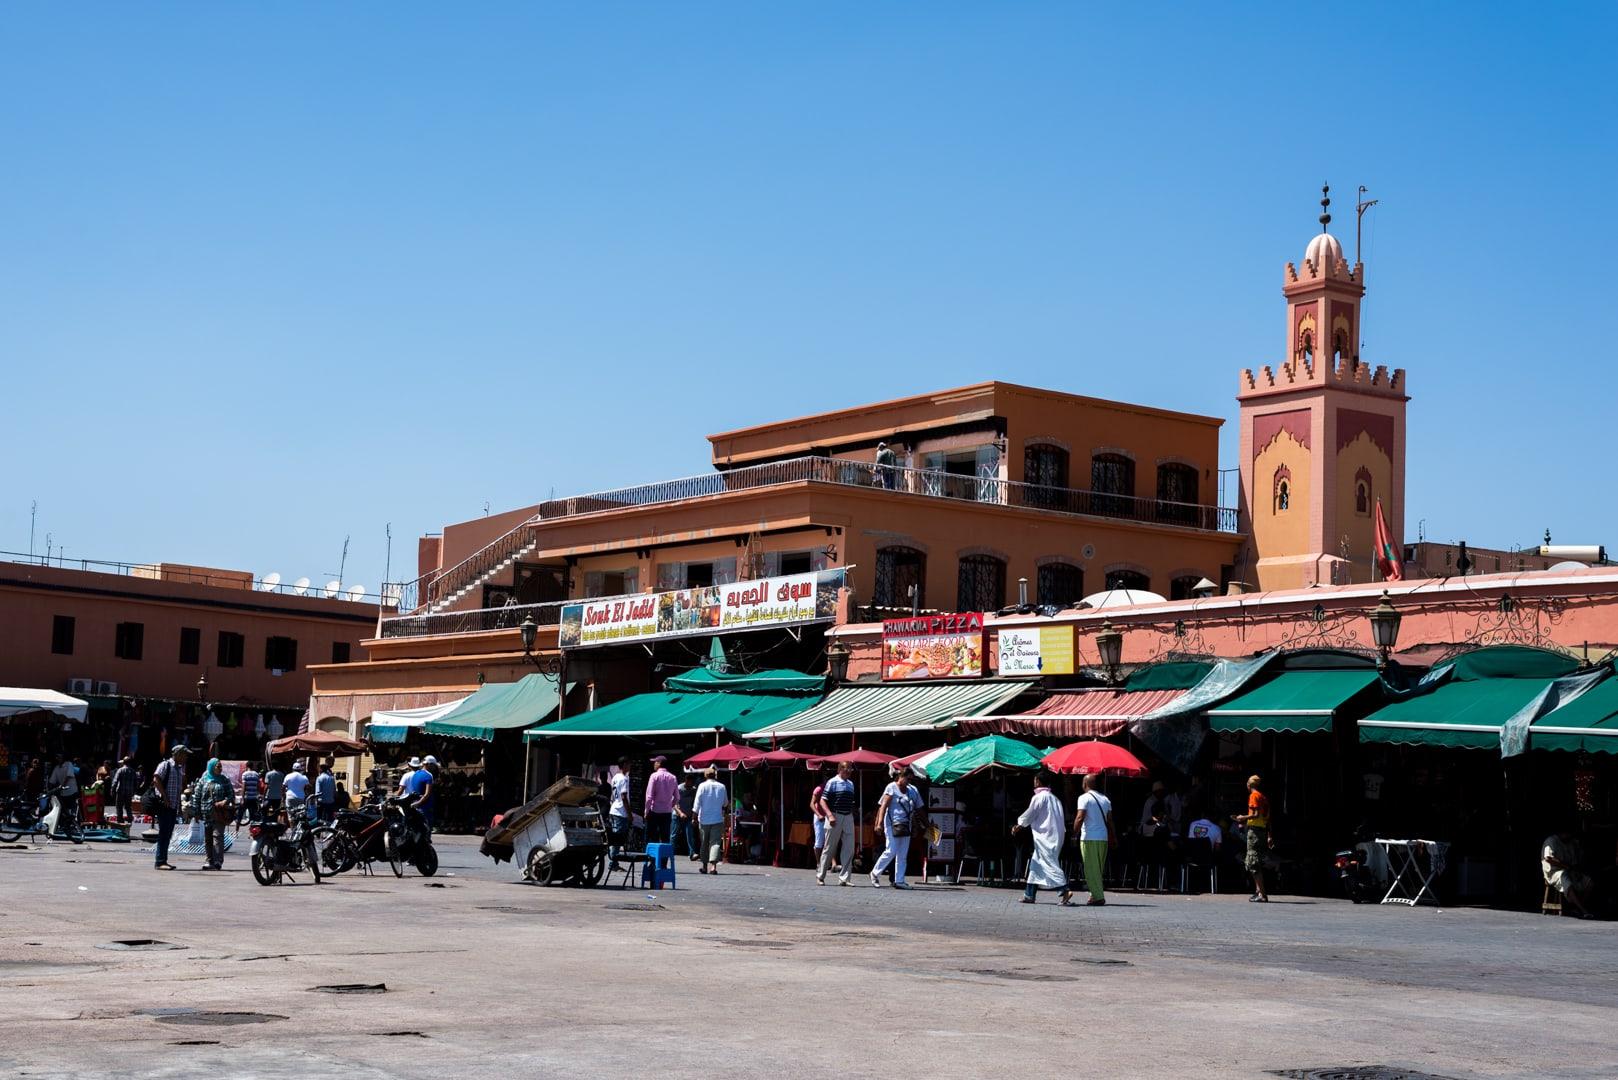 photo de la place El FNA de Marrakech Maroc 5